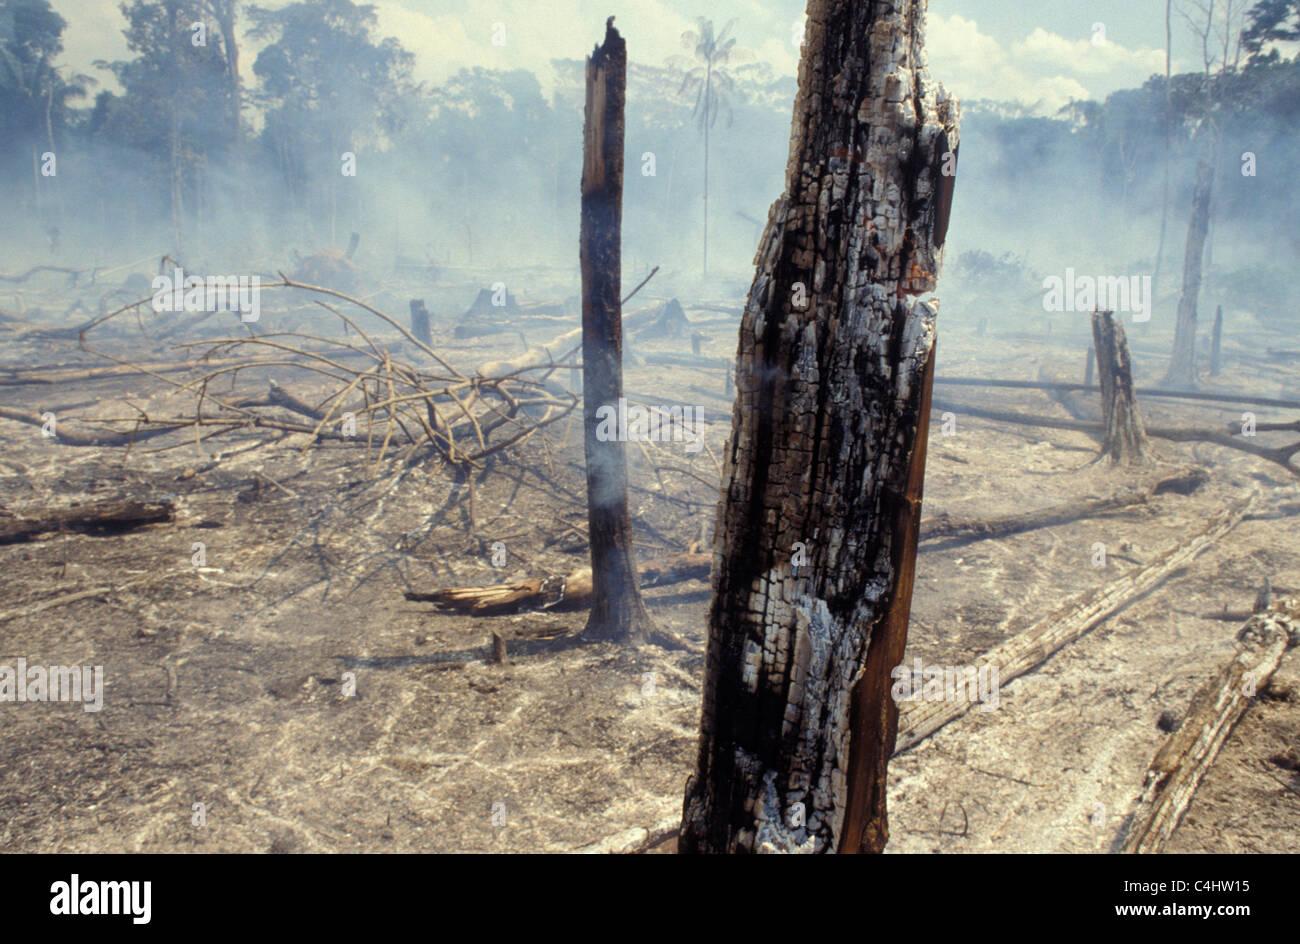 La quema de los bosques amazónicos. La deforestación. Brasil. Árboles quemados, el desequilibrio Imagen De Stock